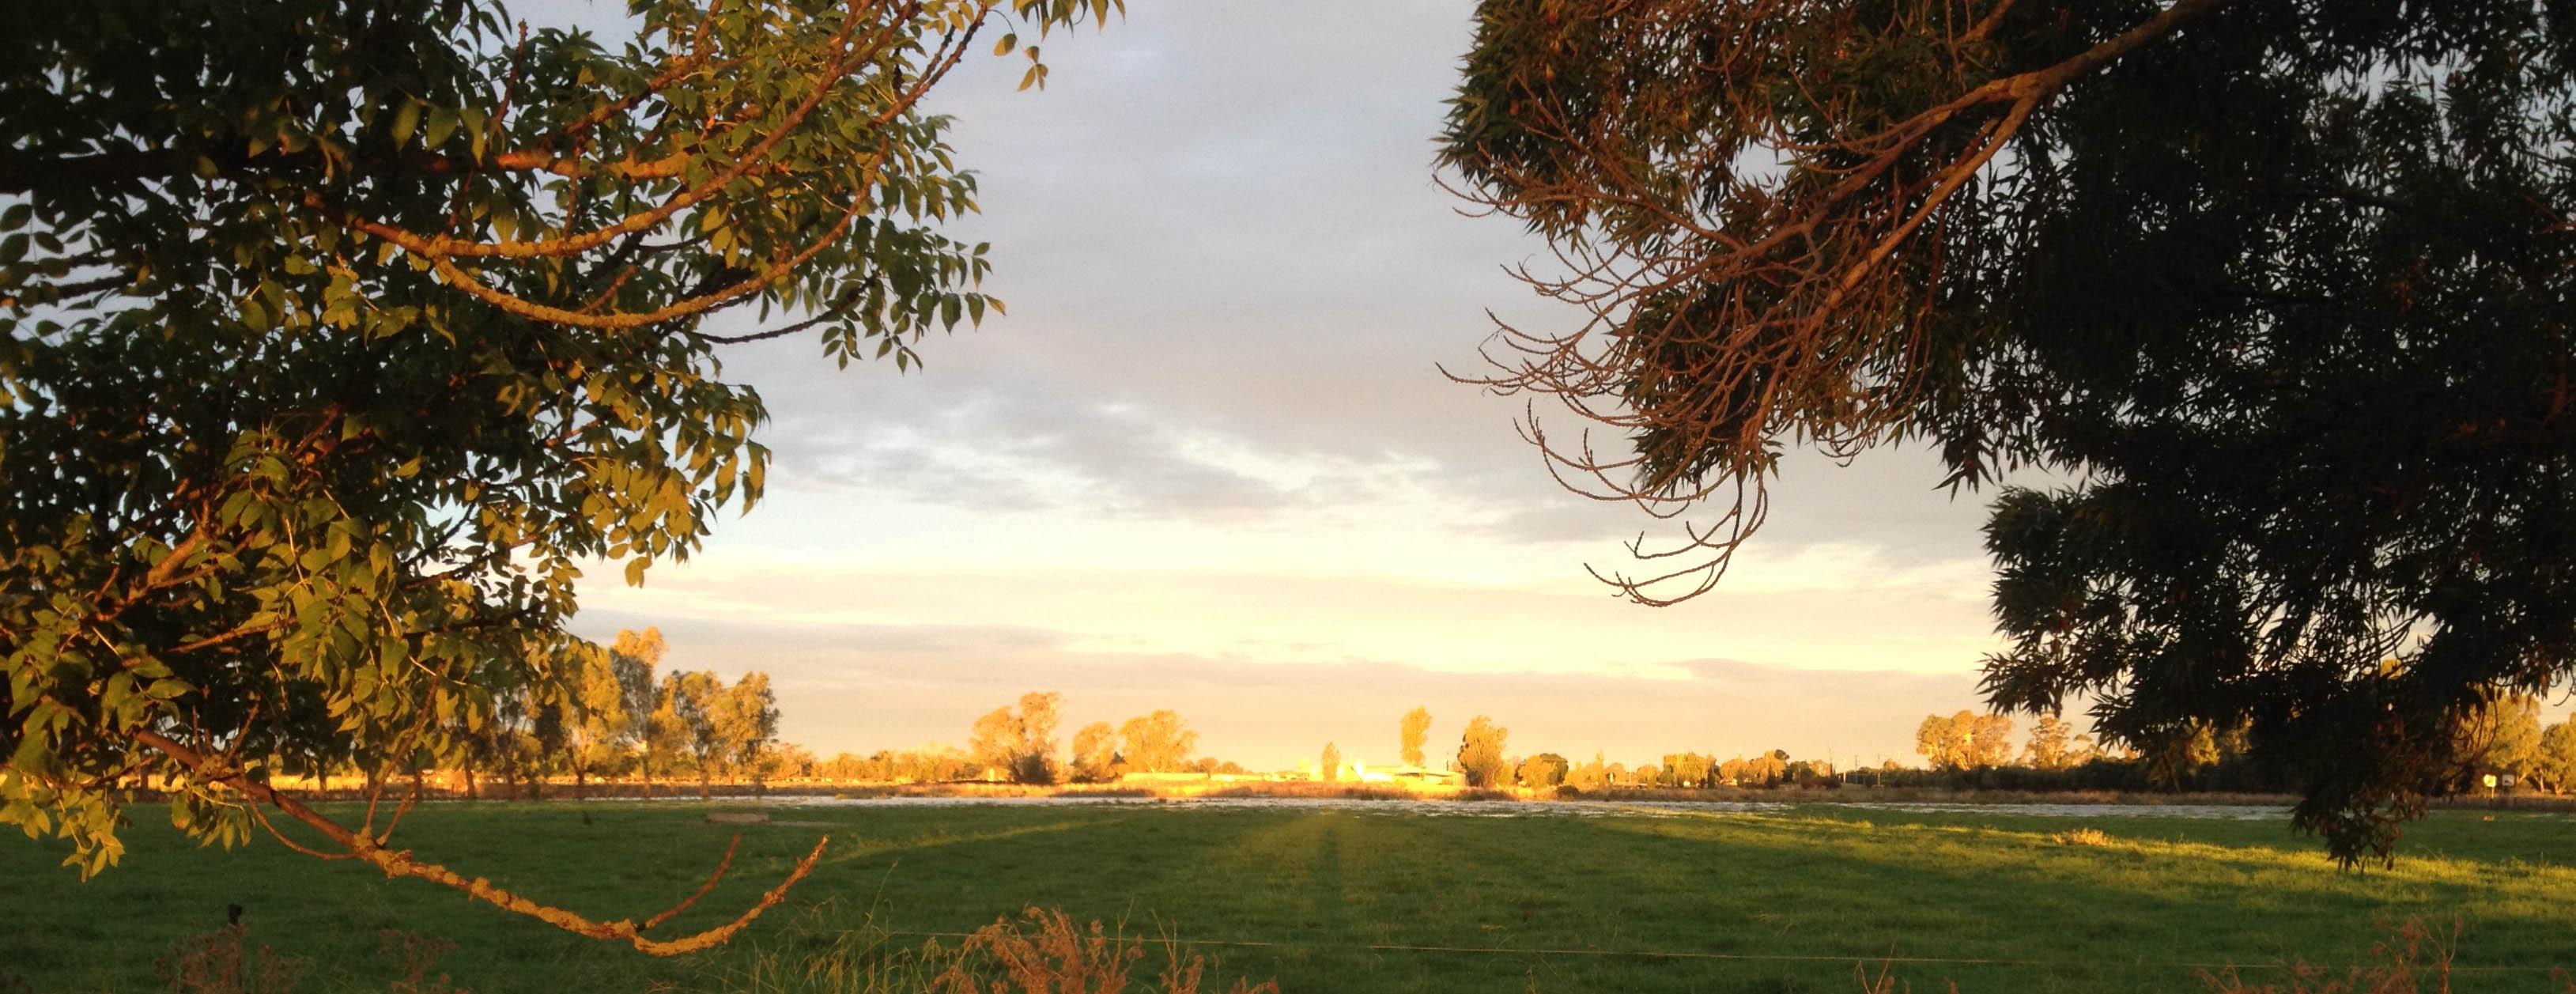 KVDG Farm Landscape